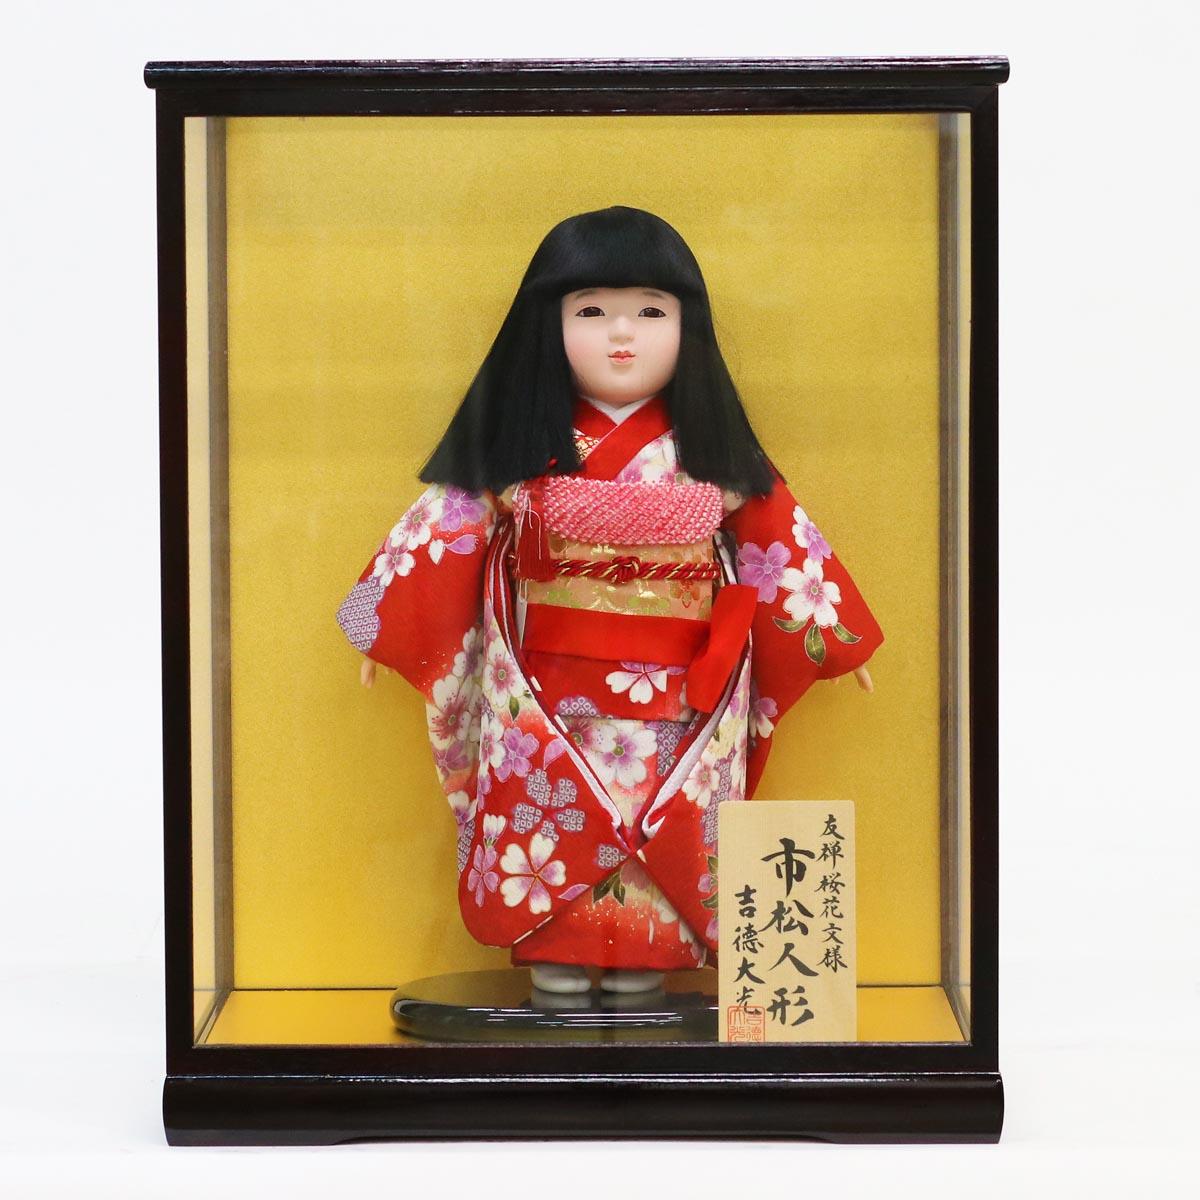 市松人形 吉徳 コンパクト 市松人形 市松人形 友禅 10号 ケース入り (HB45) 市松 ICY-410-024-C (HB45)ひな人形 かわいい ひな人形 小さい ミニ